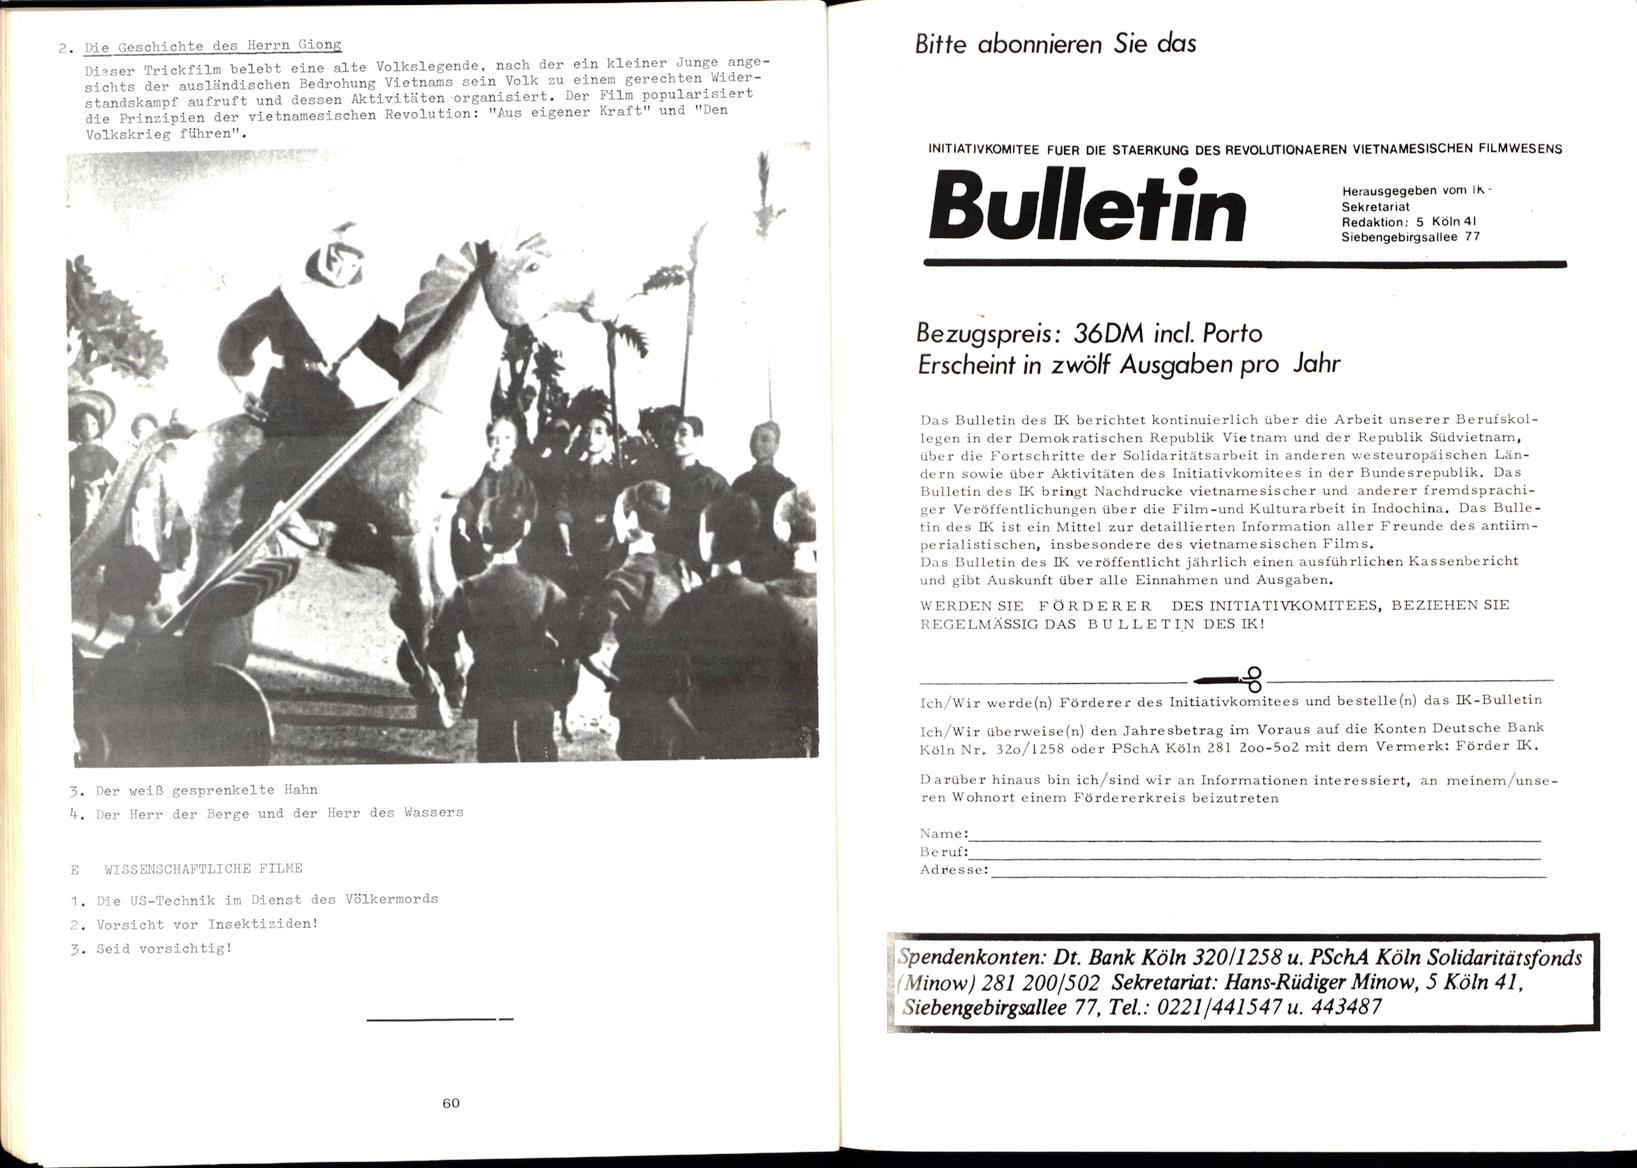 IK_Filmwesen_Bulletin_19740400_008_009_031